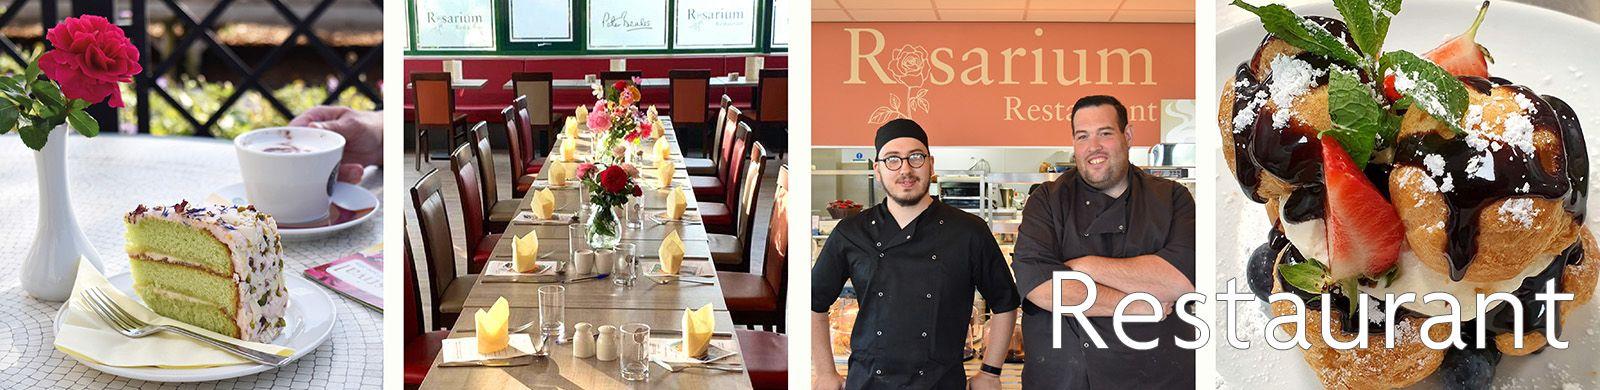 Rosarium Restaurant